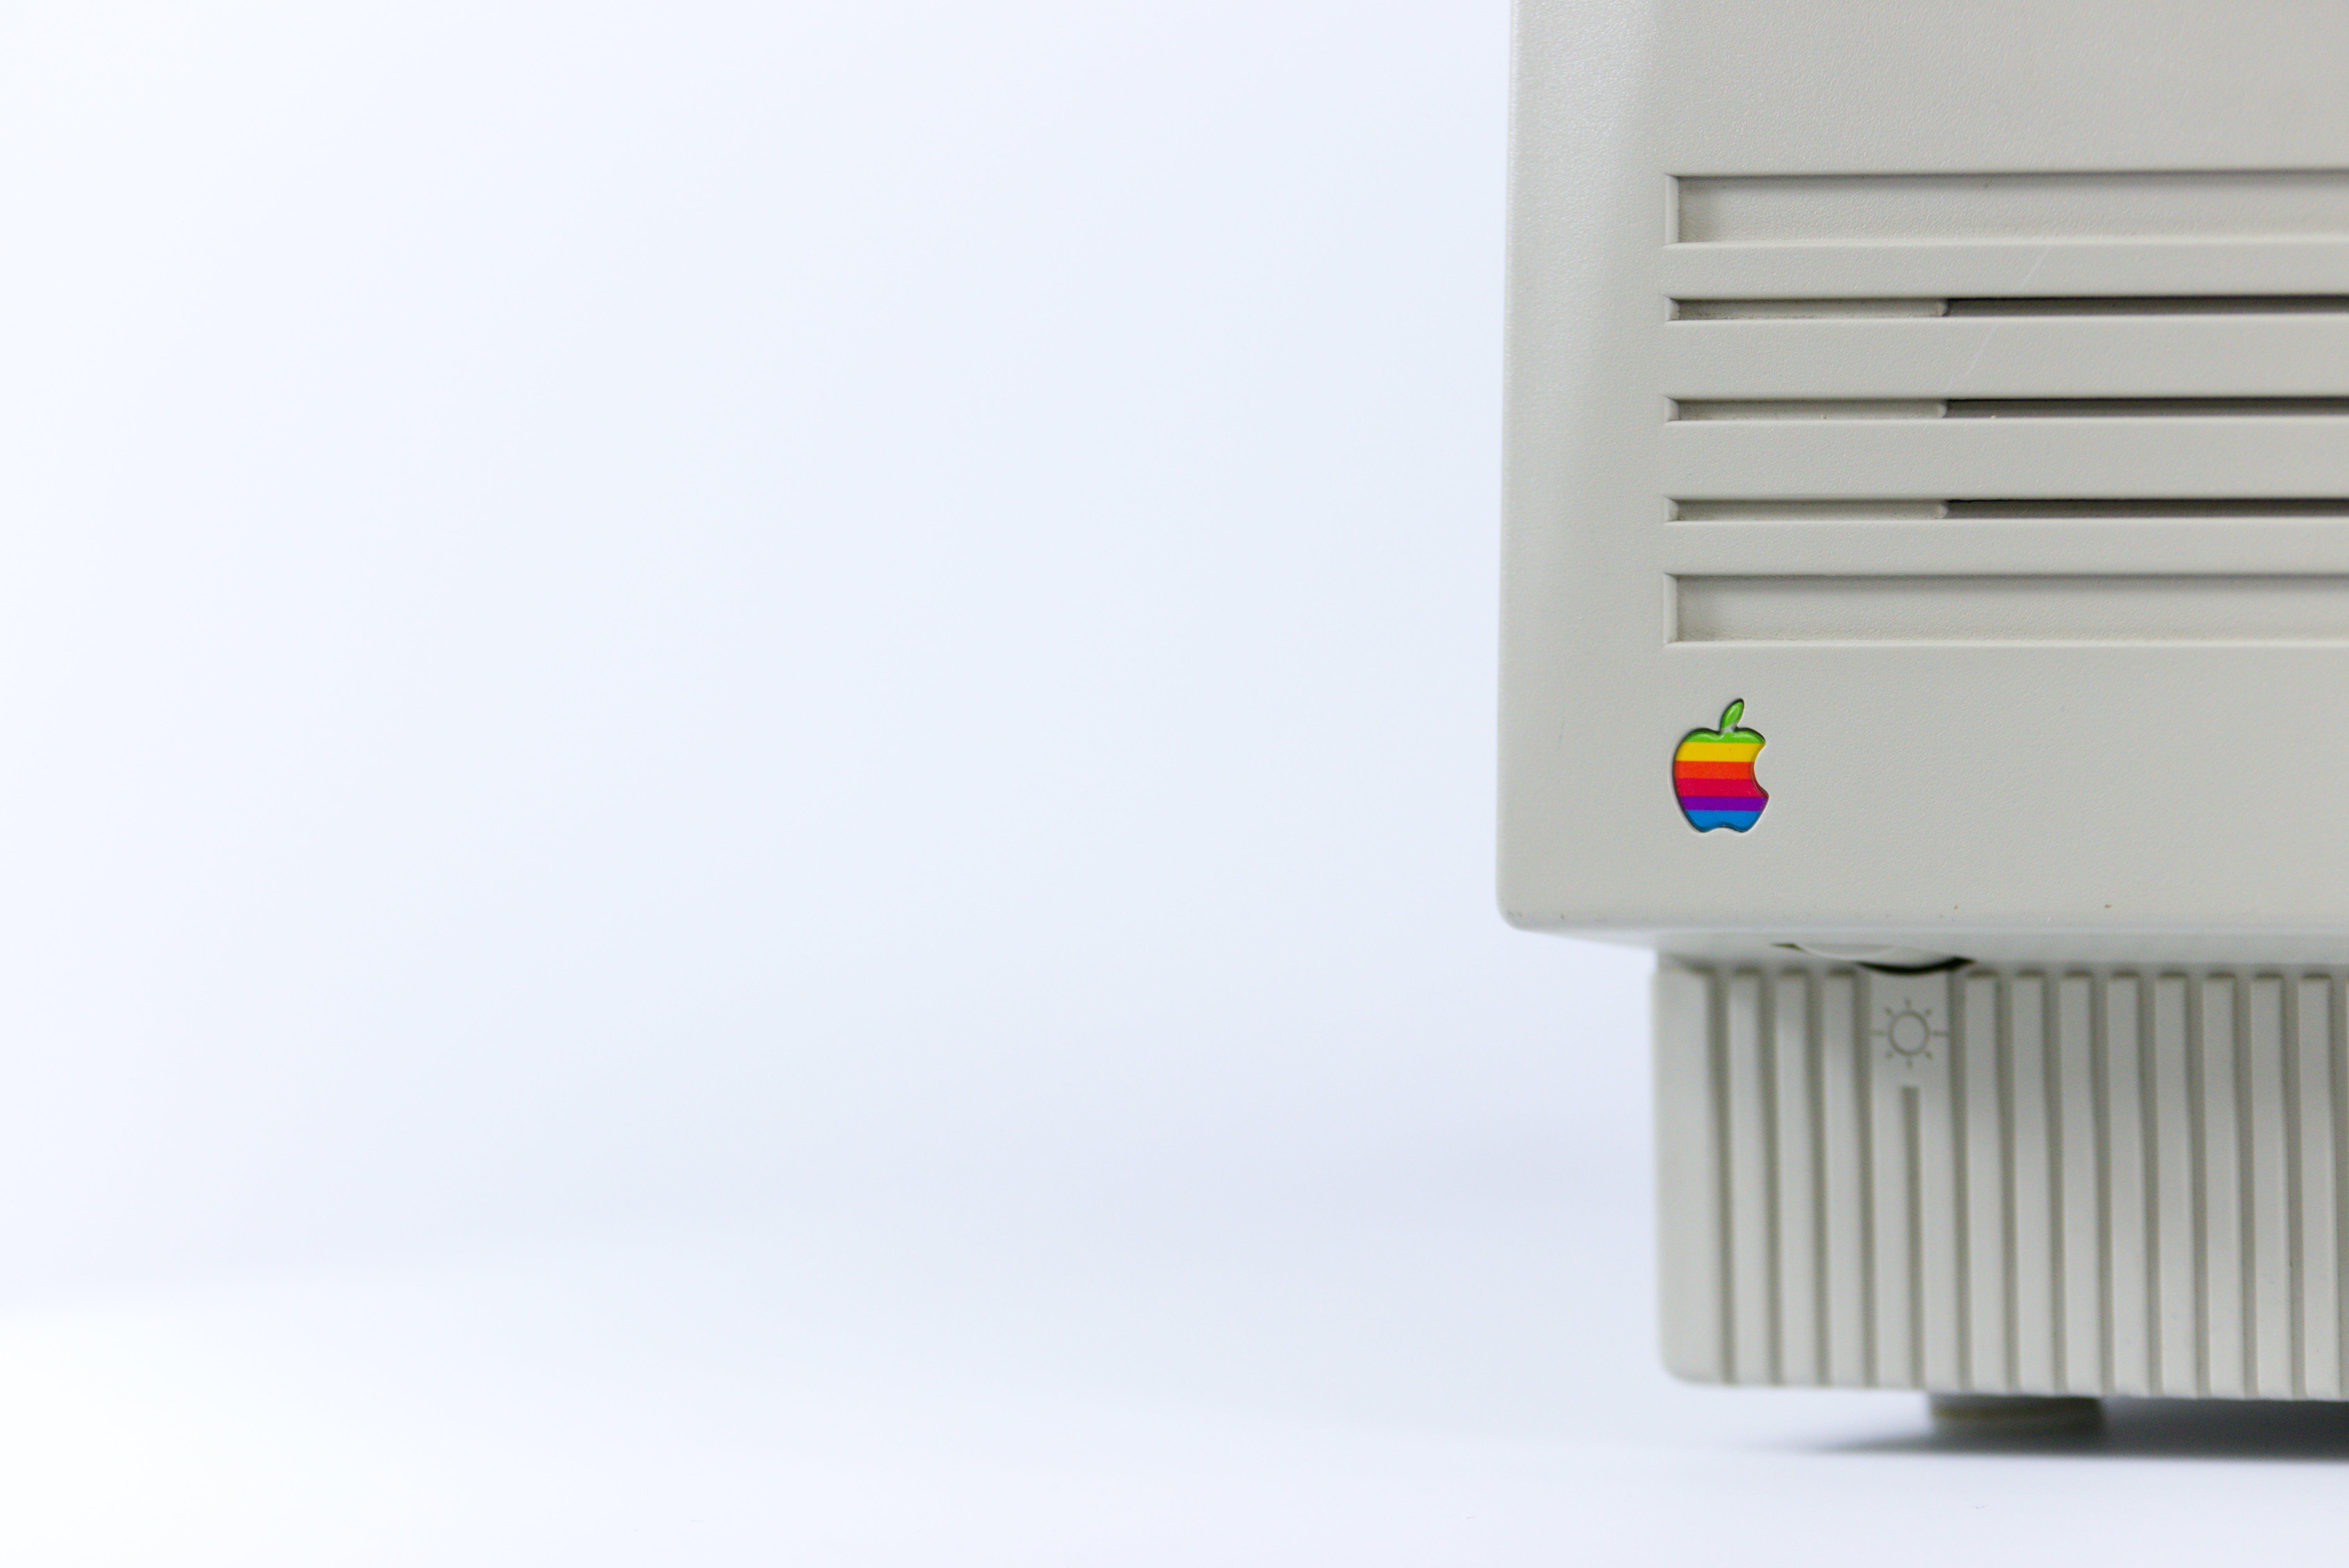 Δωρεάν στοκ φωτογραφιών με apple, Mac, vintage, αδειάζω